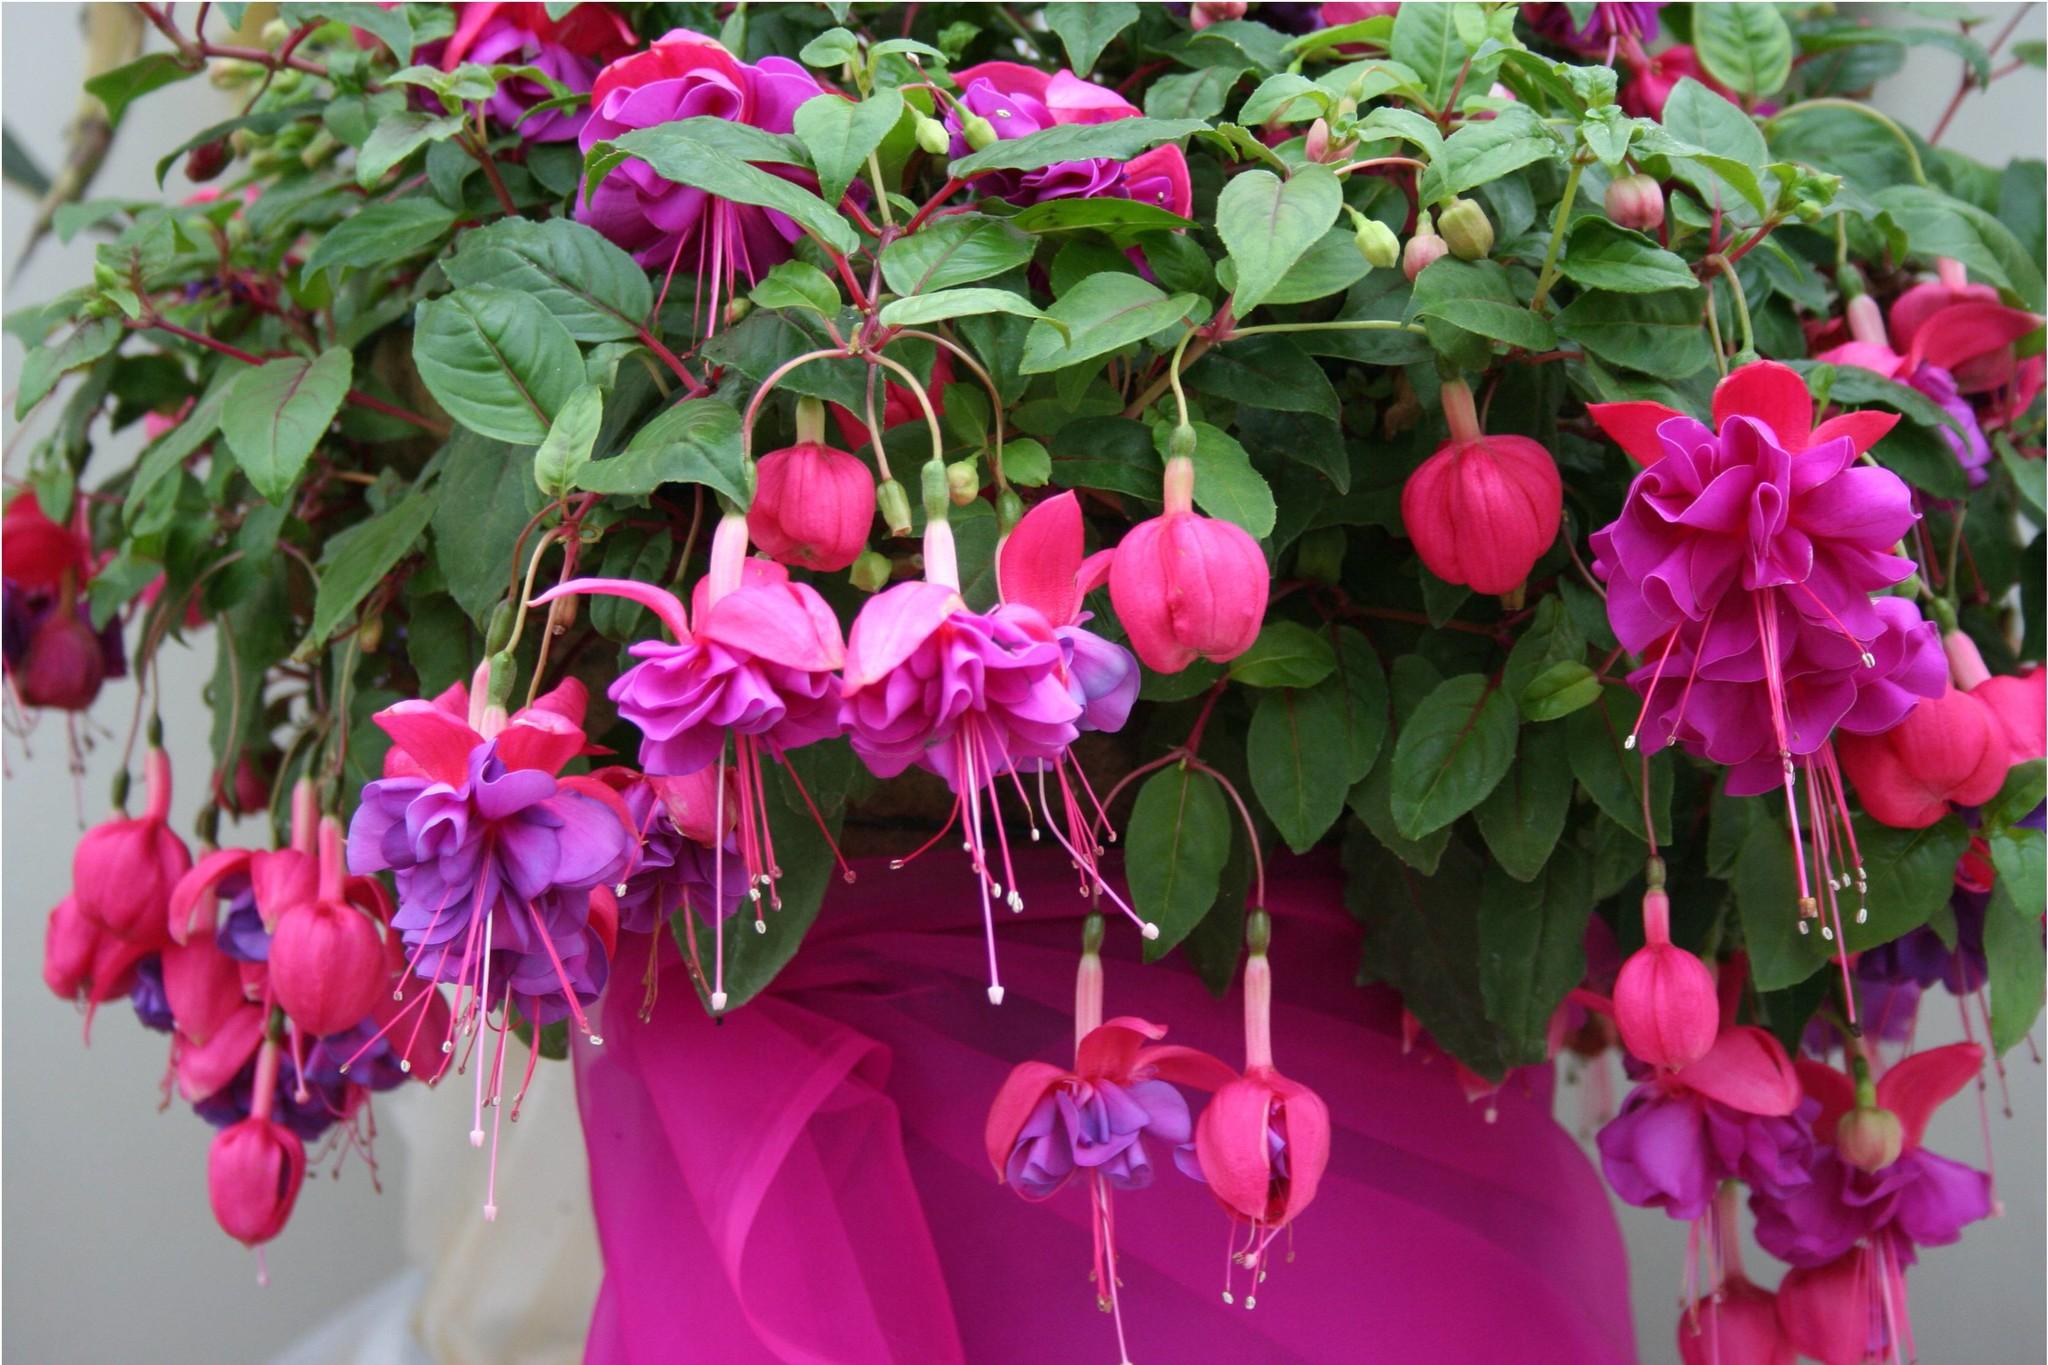 Купить цветы фуксию во владимире, цветов беларуси